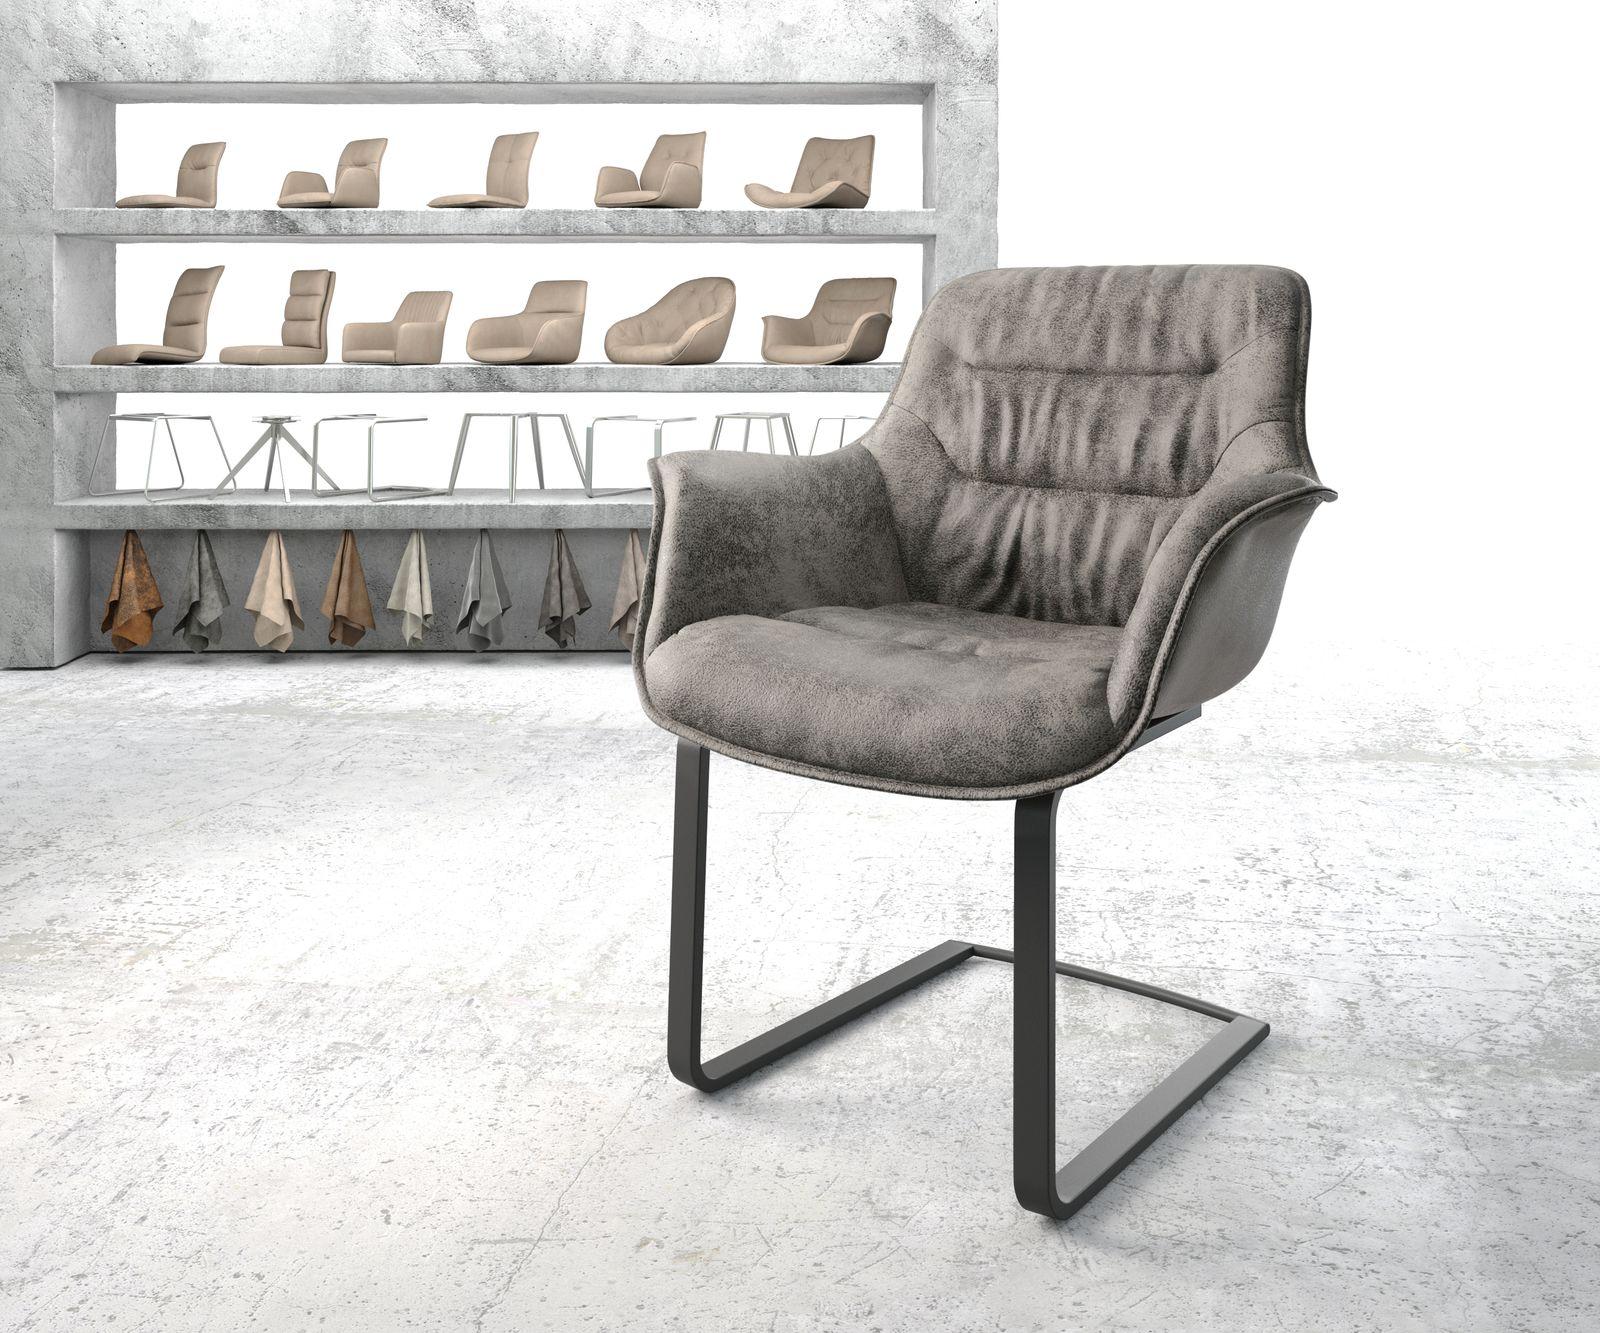 delife-armlehnstuhl-kaira-flex-grau-vintage-freischwinger-flach-schwarz-esszimmerstuhle, 109.90 EUR @ delife-de